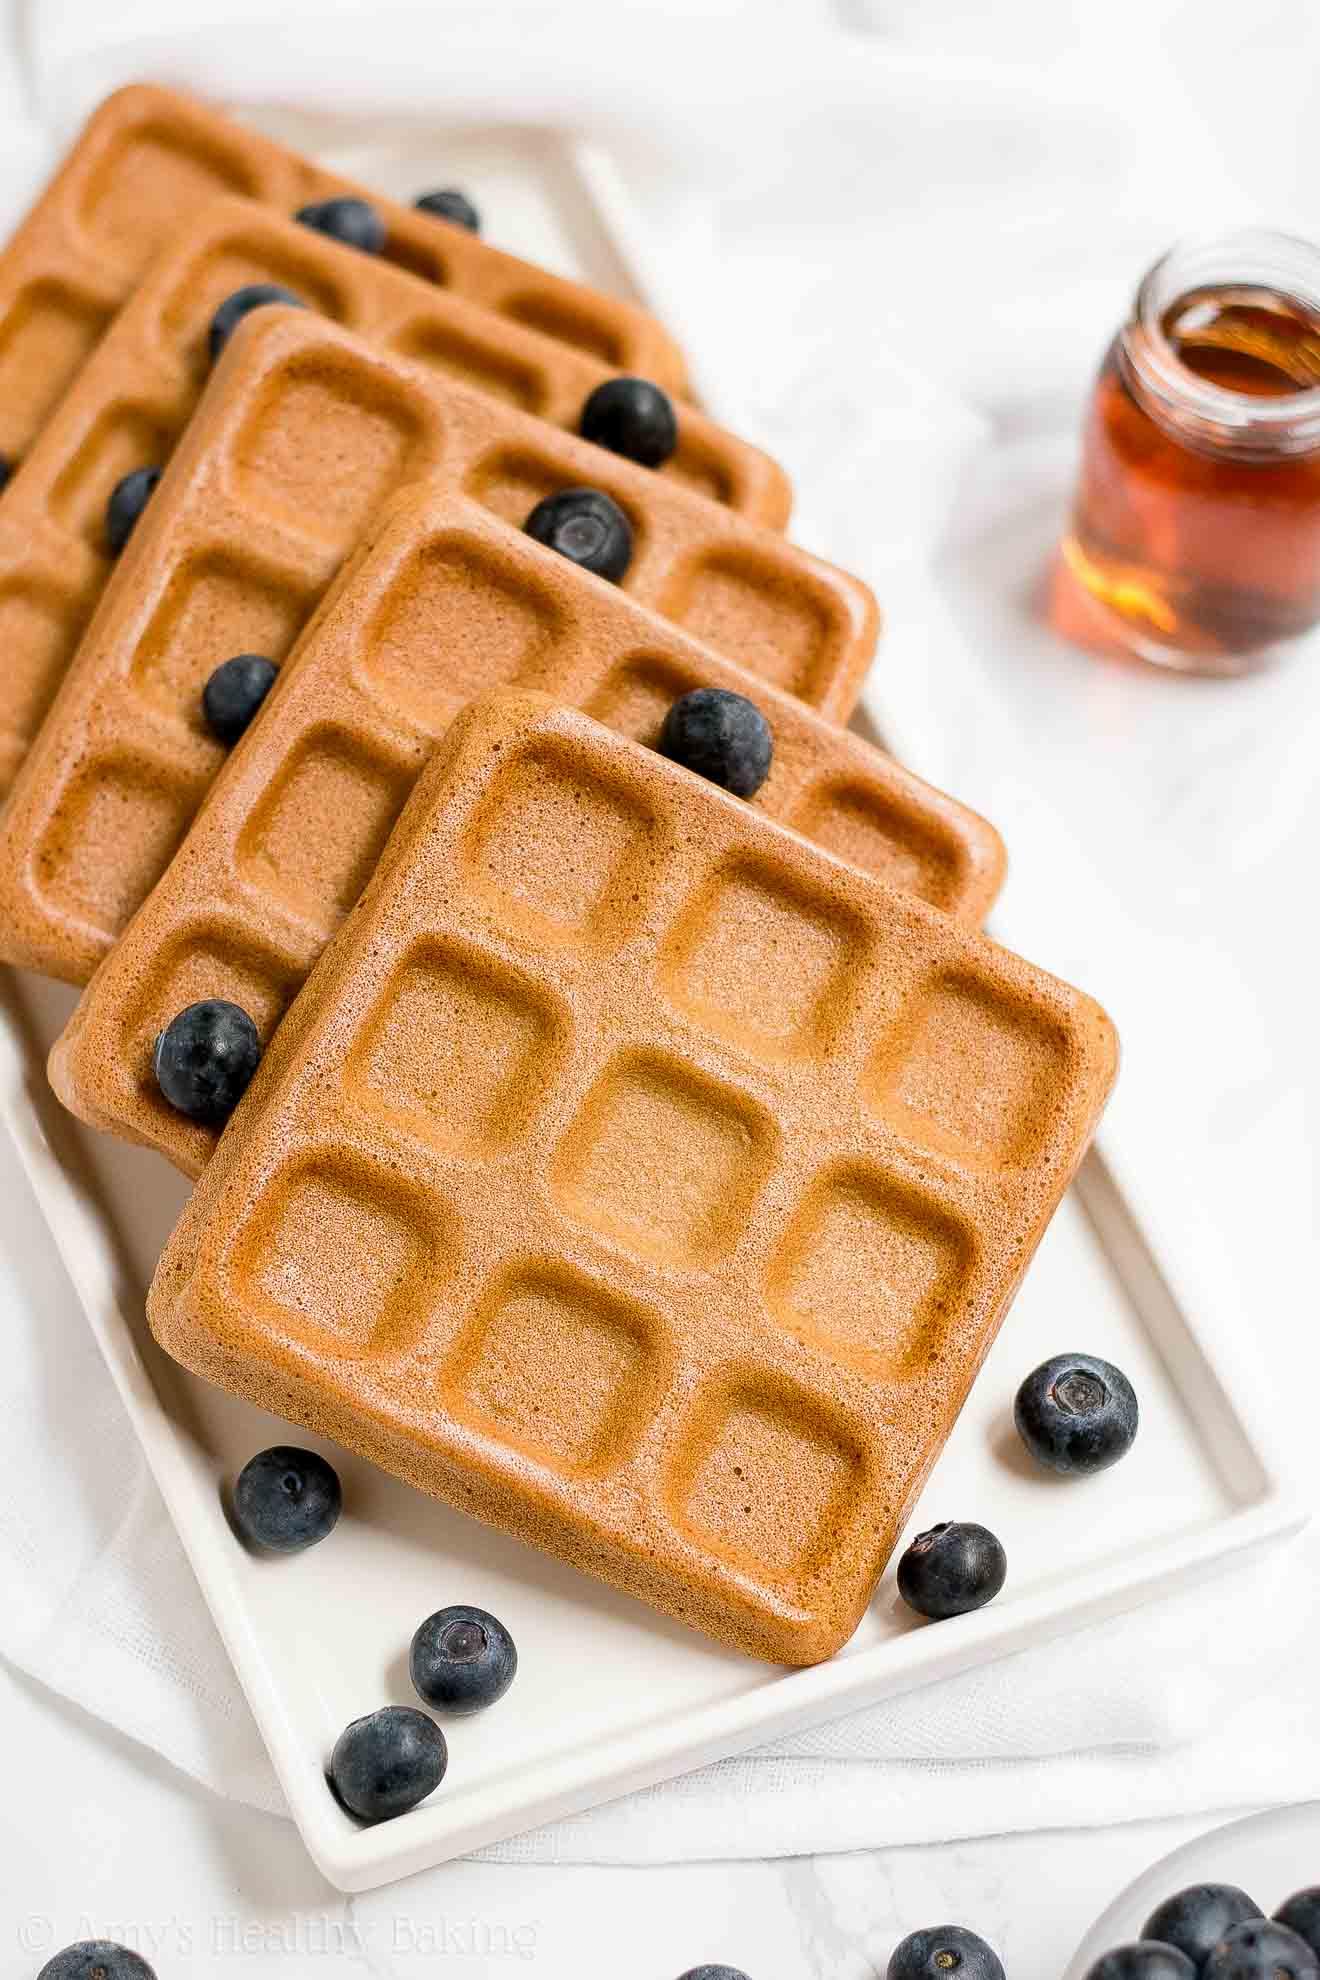 The BEST Easy Healthy Gluten Free Buttermilk Waffles